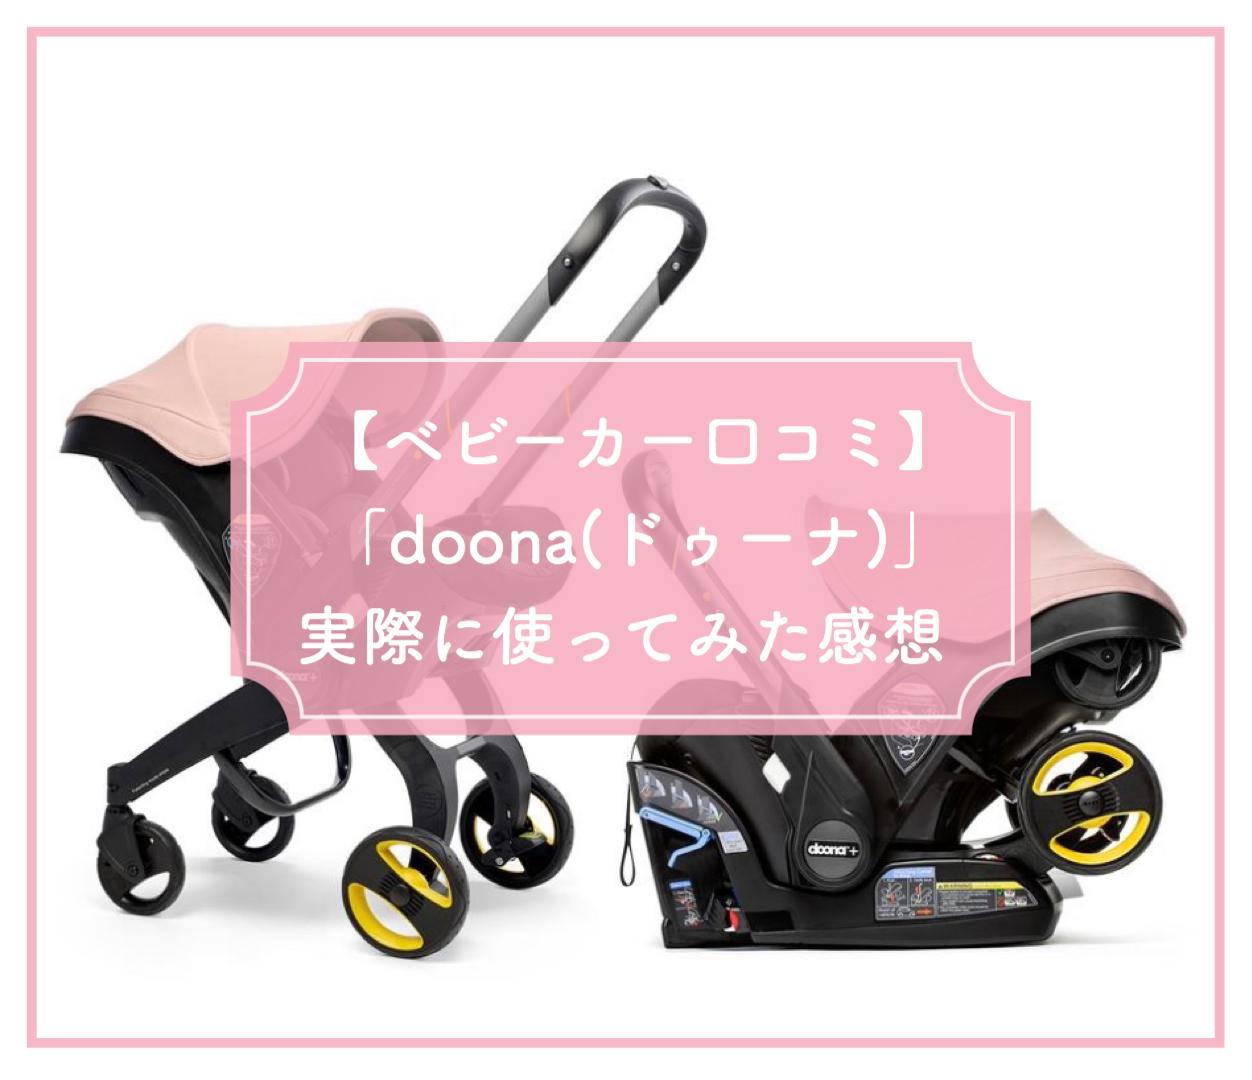 【ベビーカー&チャイルドシート】「doona(ドゥーナ)」の口コミ・評判【何歳まで?】